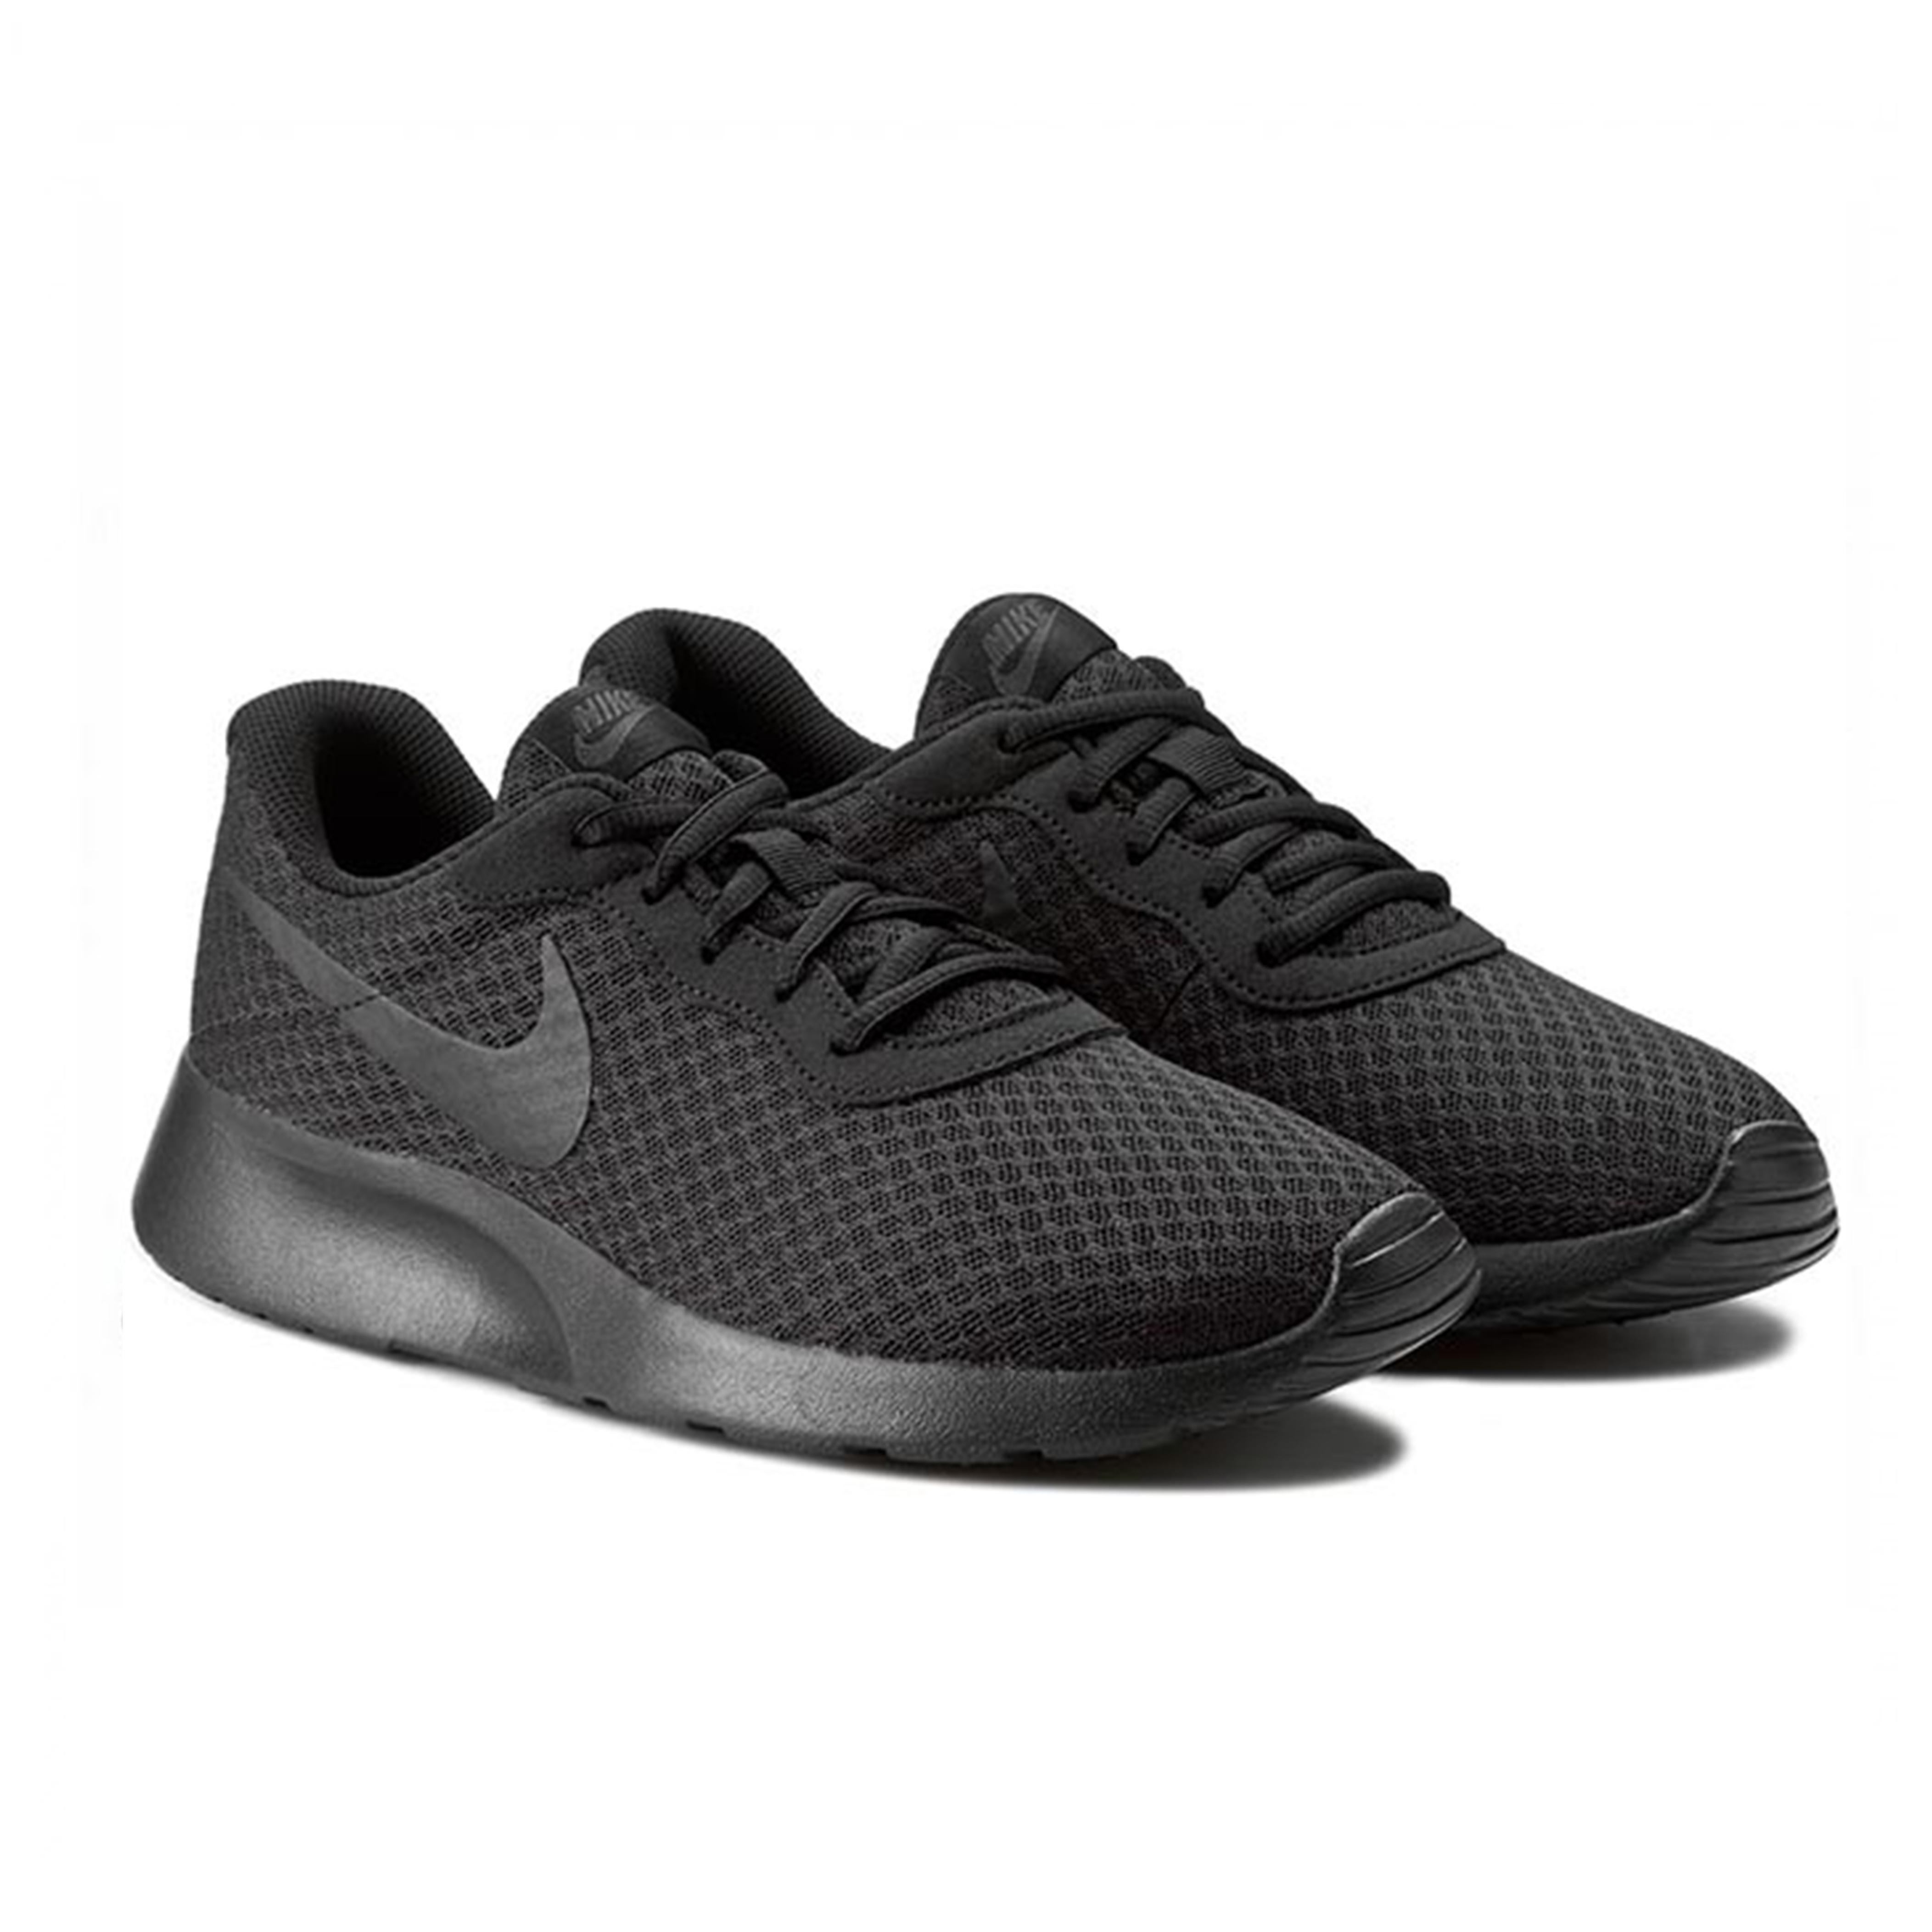 Sneakers Uomo Tanjun Nike 812654 001  -9